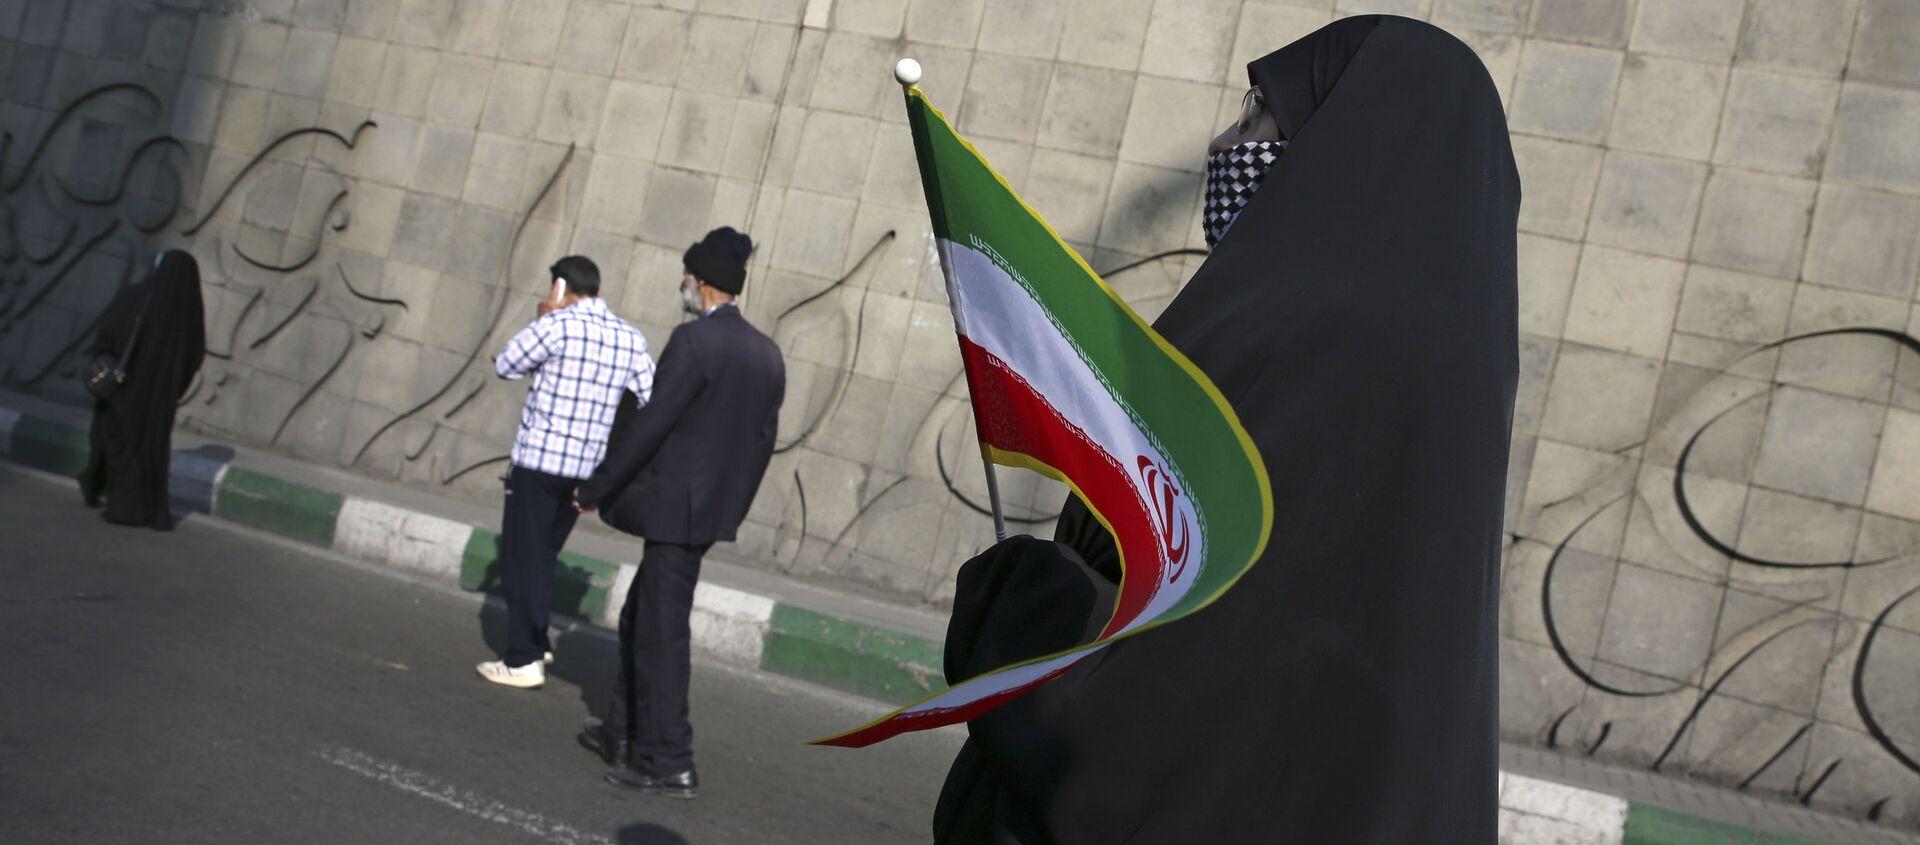 Kobieta z irańską flagą na ulicy Teheranu - Sputnik Polska, 1920, 04.02.2021